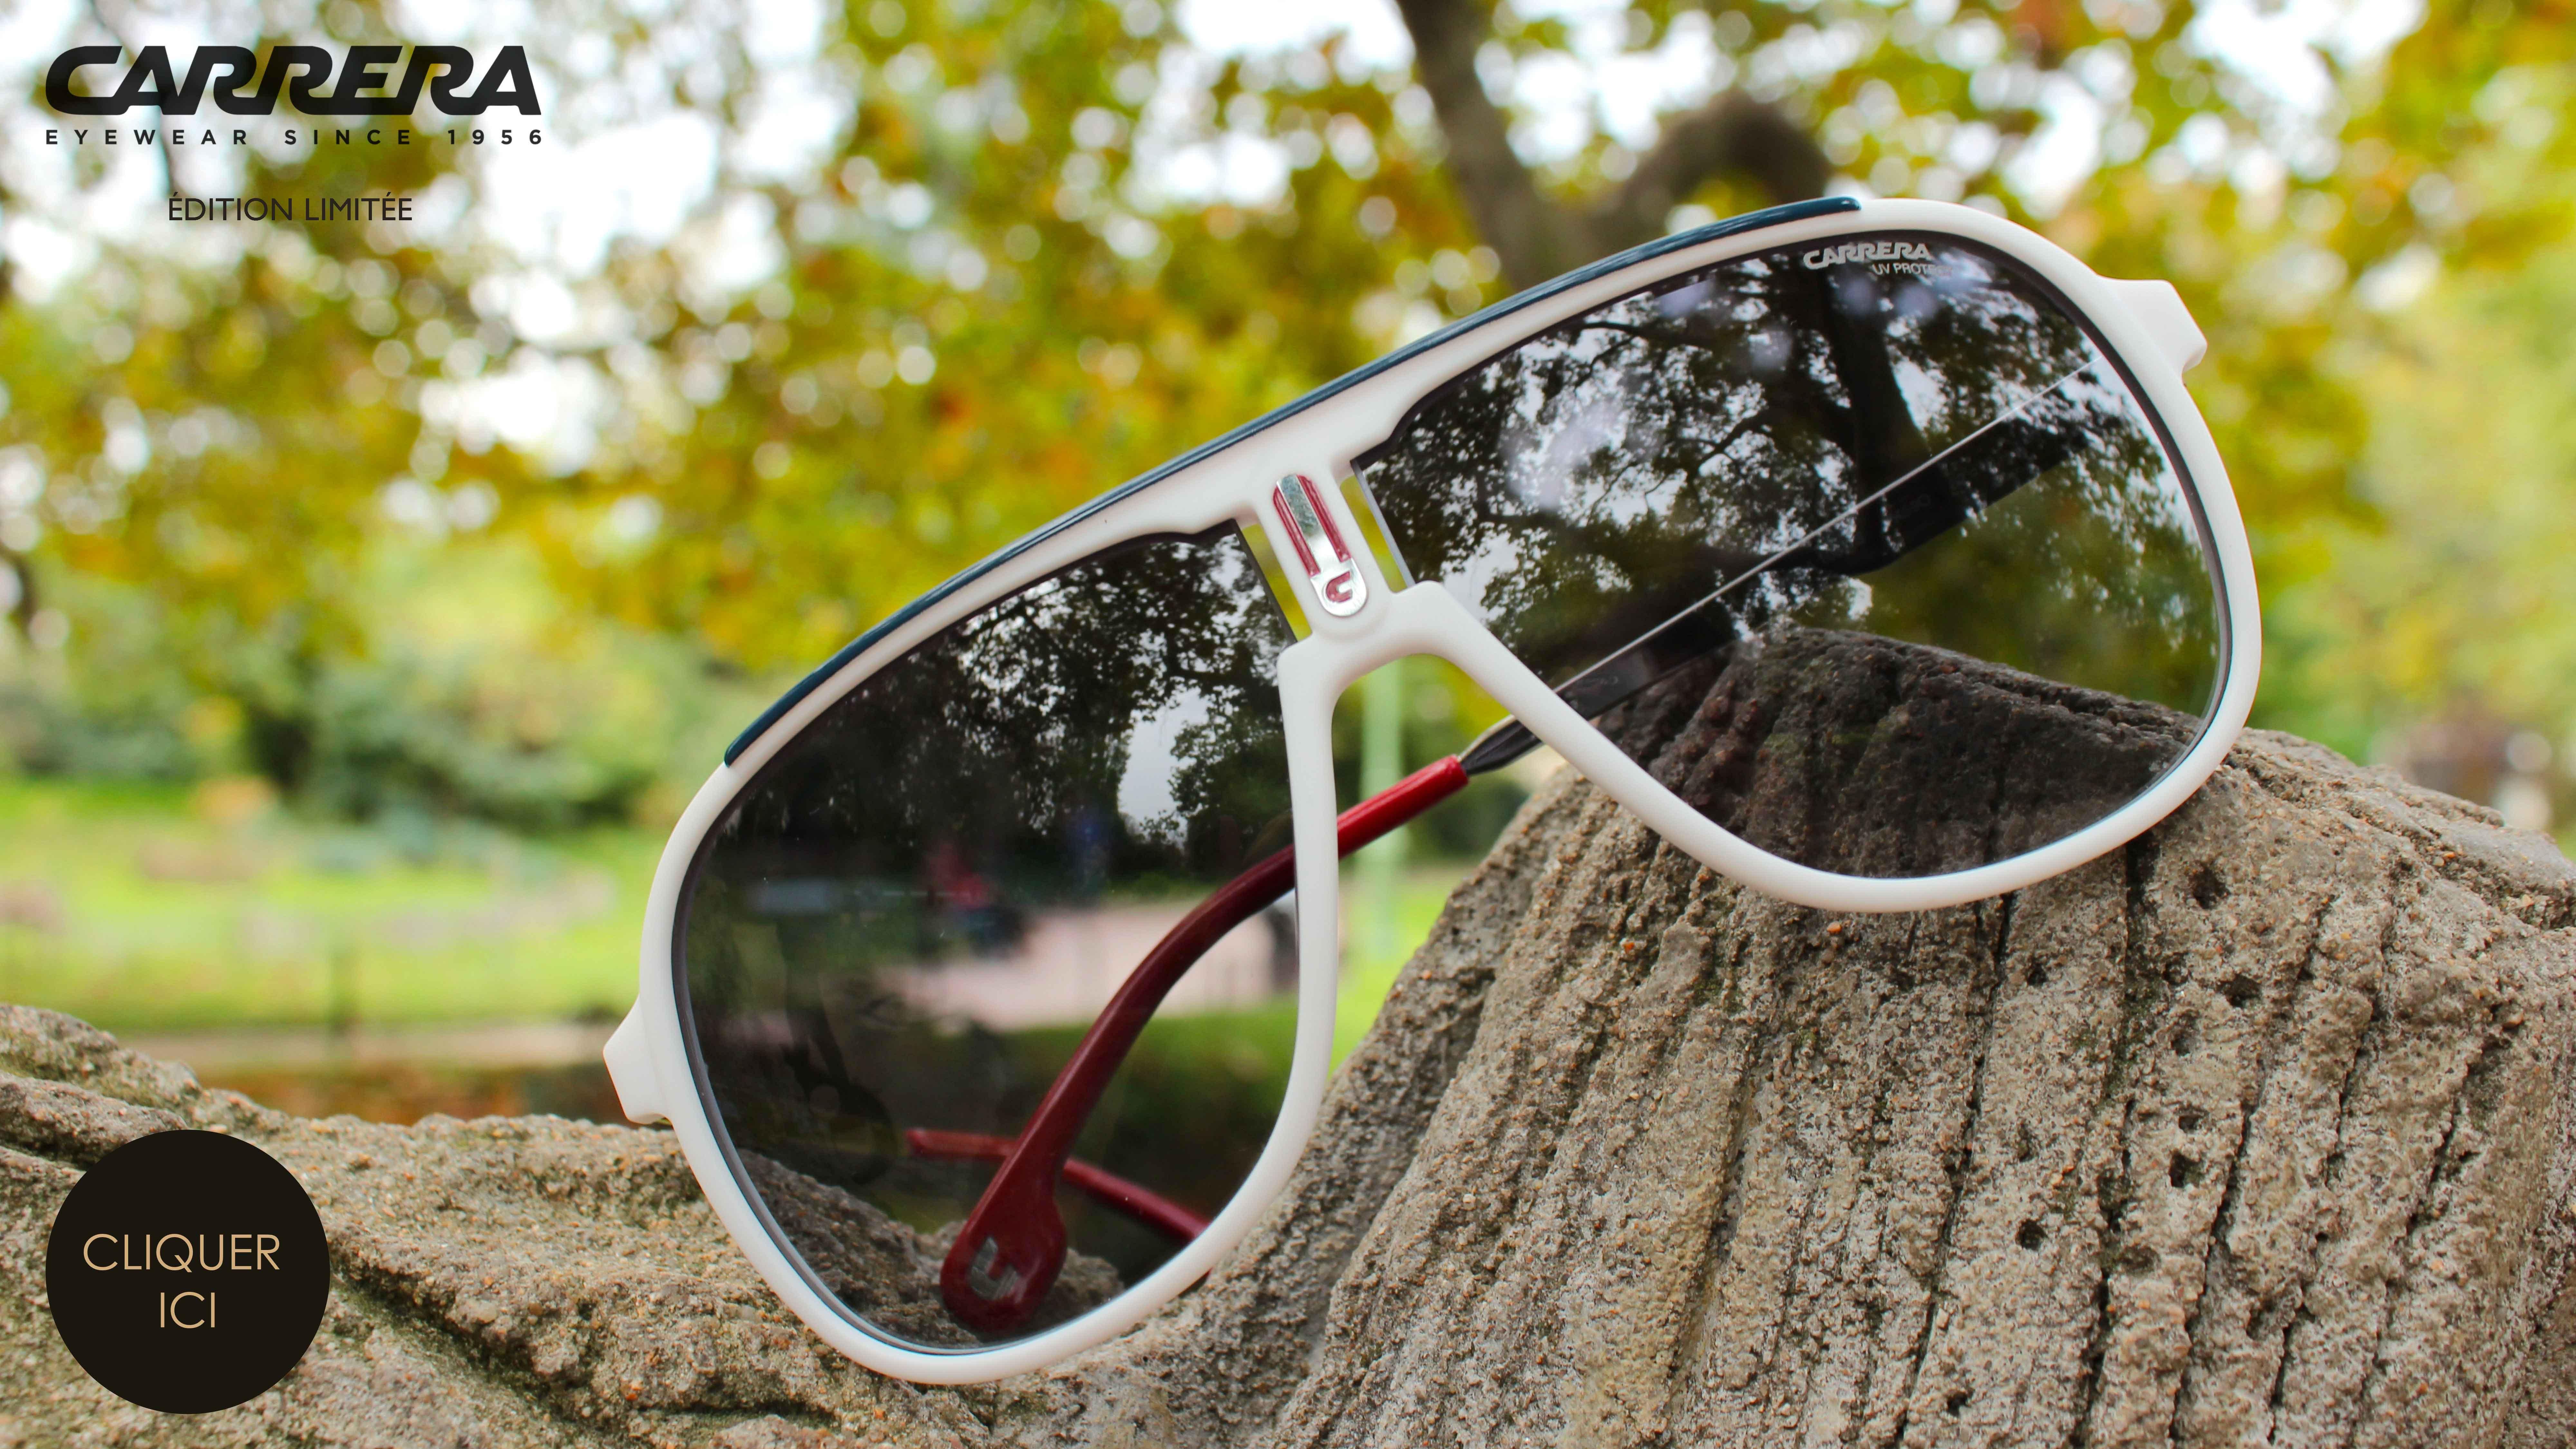 https://www.promoslunettes.com/fr/lunettes-de-soleil-carrera/4733-lunette-de-soleil-carrera-1007s-vk6-0716736262239.html?live_configurator_token=48d15f71982fafbc8d29cd29c581a025&id_shop=1&id_employee=18&theme=&theme_font=